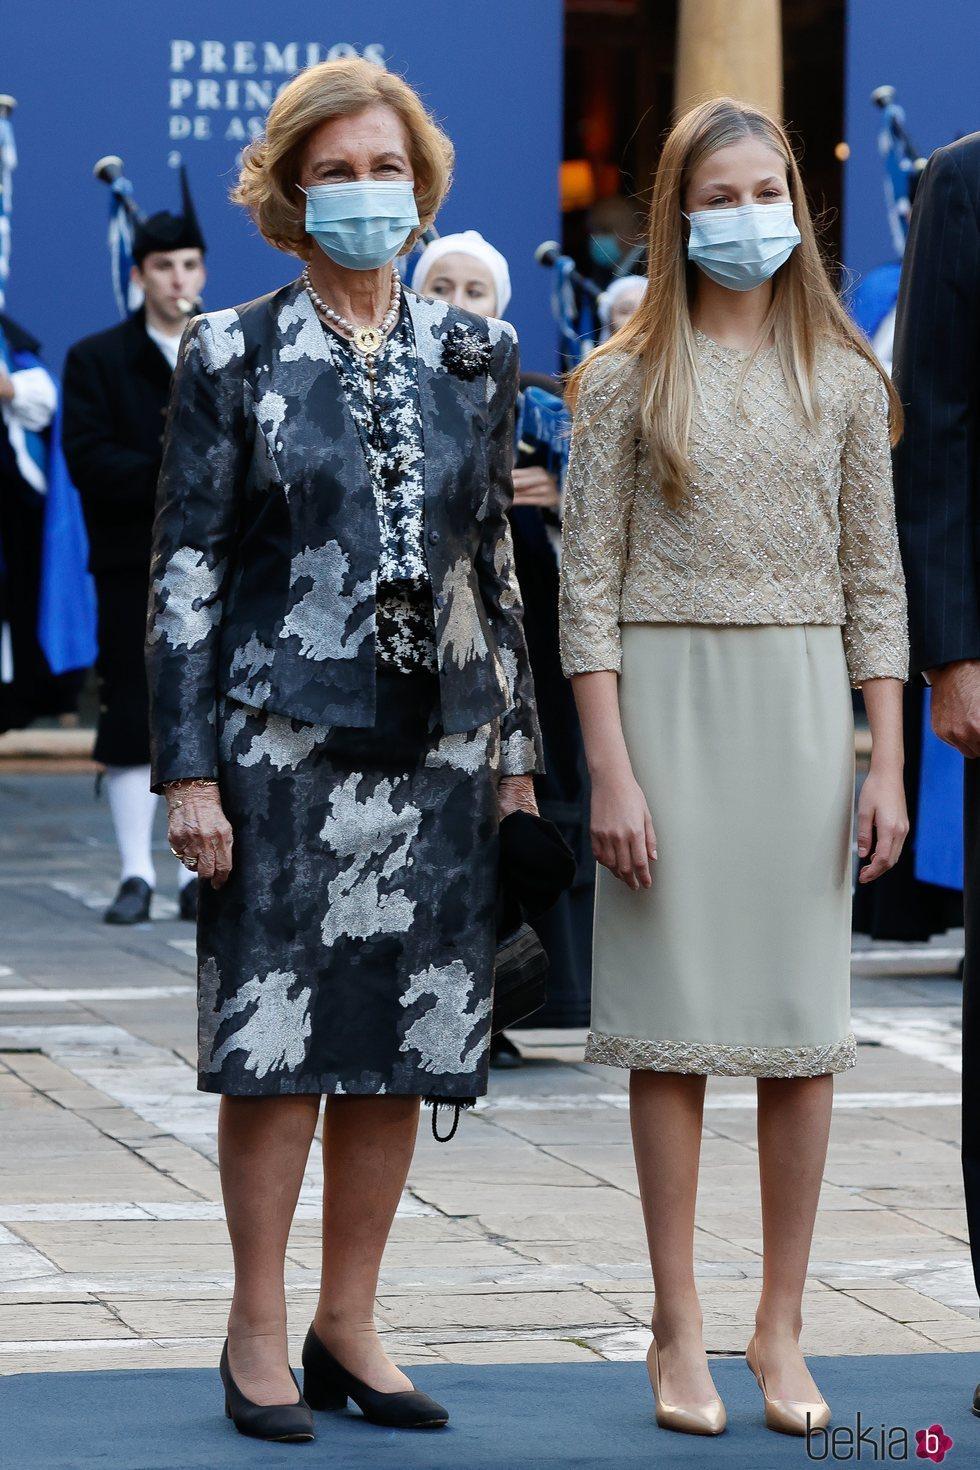 La Reina Sofía y la Princesa Leonor en los Premios Princesa de Asturias 2020